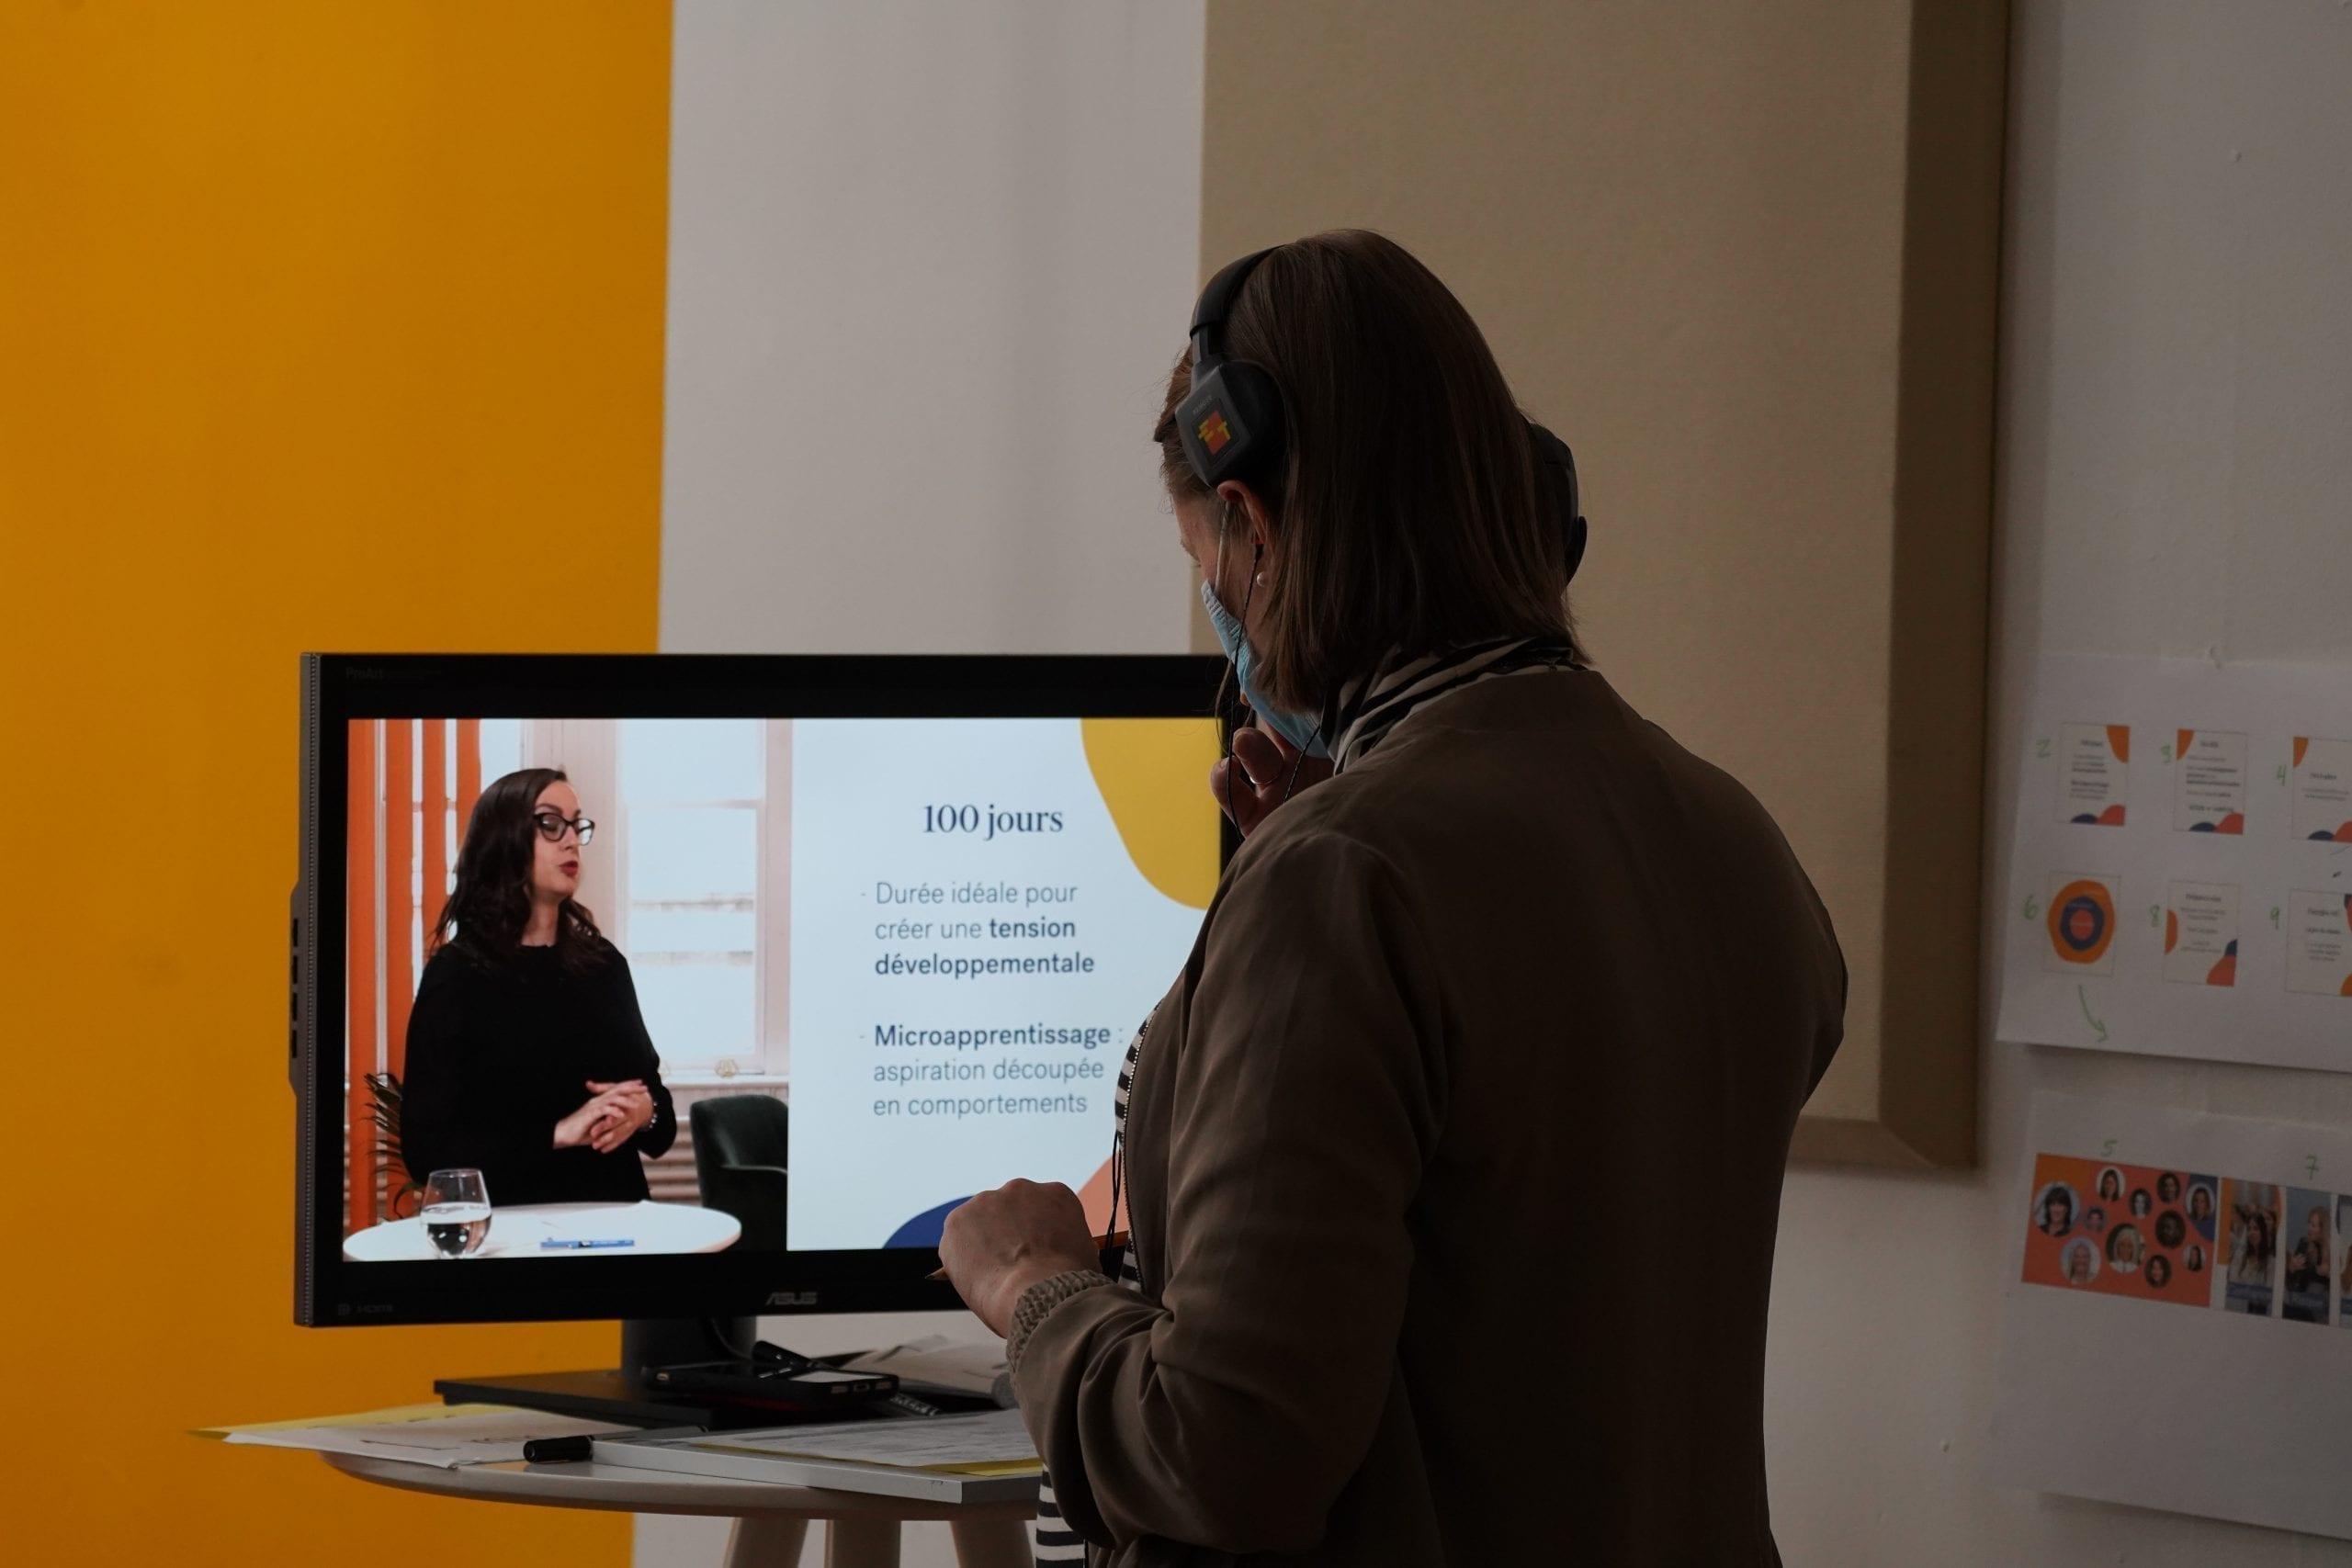 Femme qui regarde un tournage vidéo sur écran.